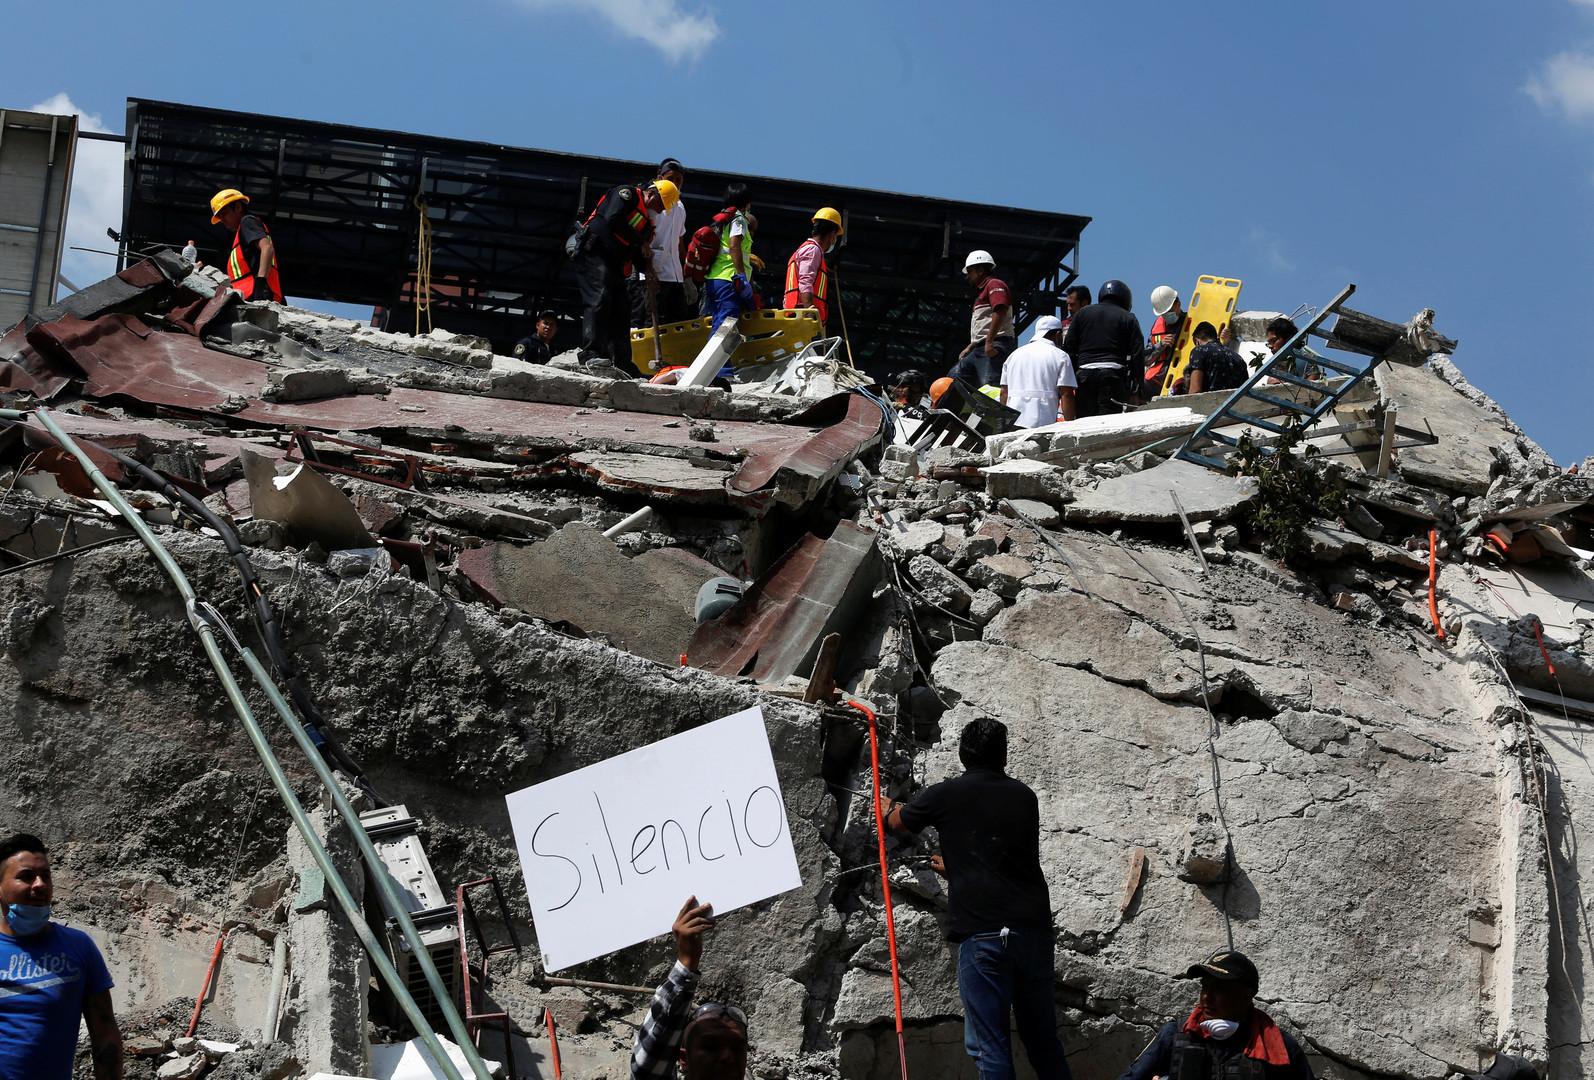 Starkes Erdbeben und mehrere Nachbeben in Mexiko - 150 Todesopfer [FOTOS]